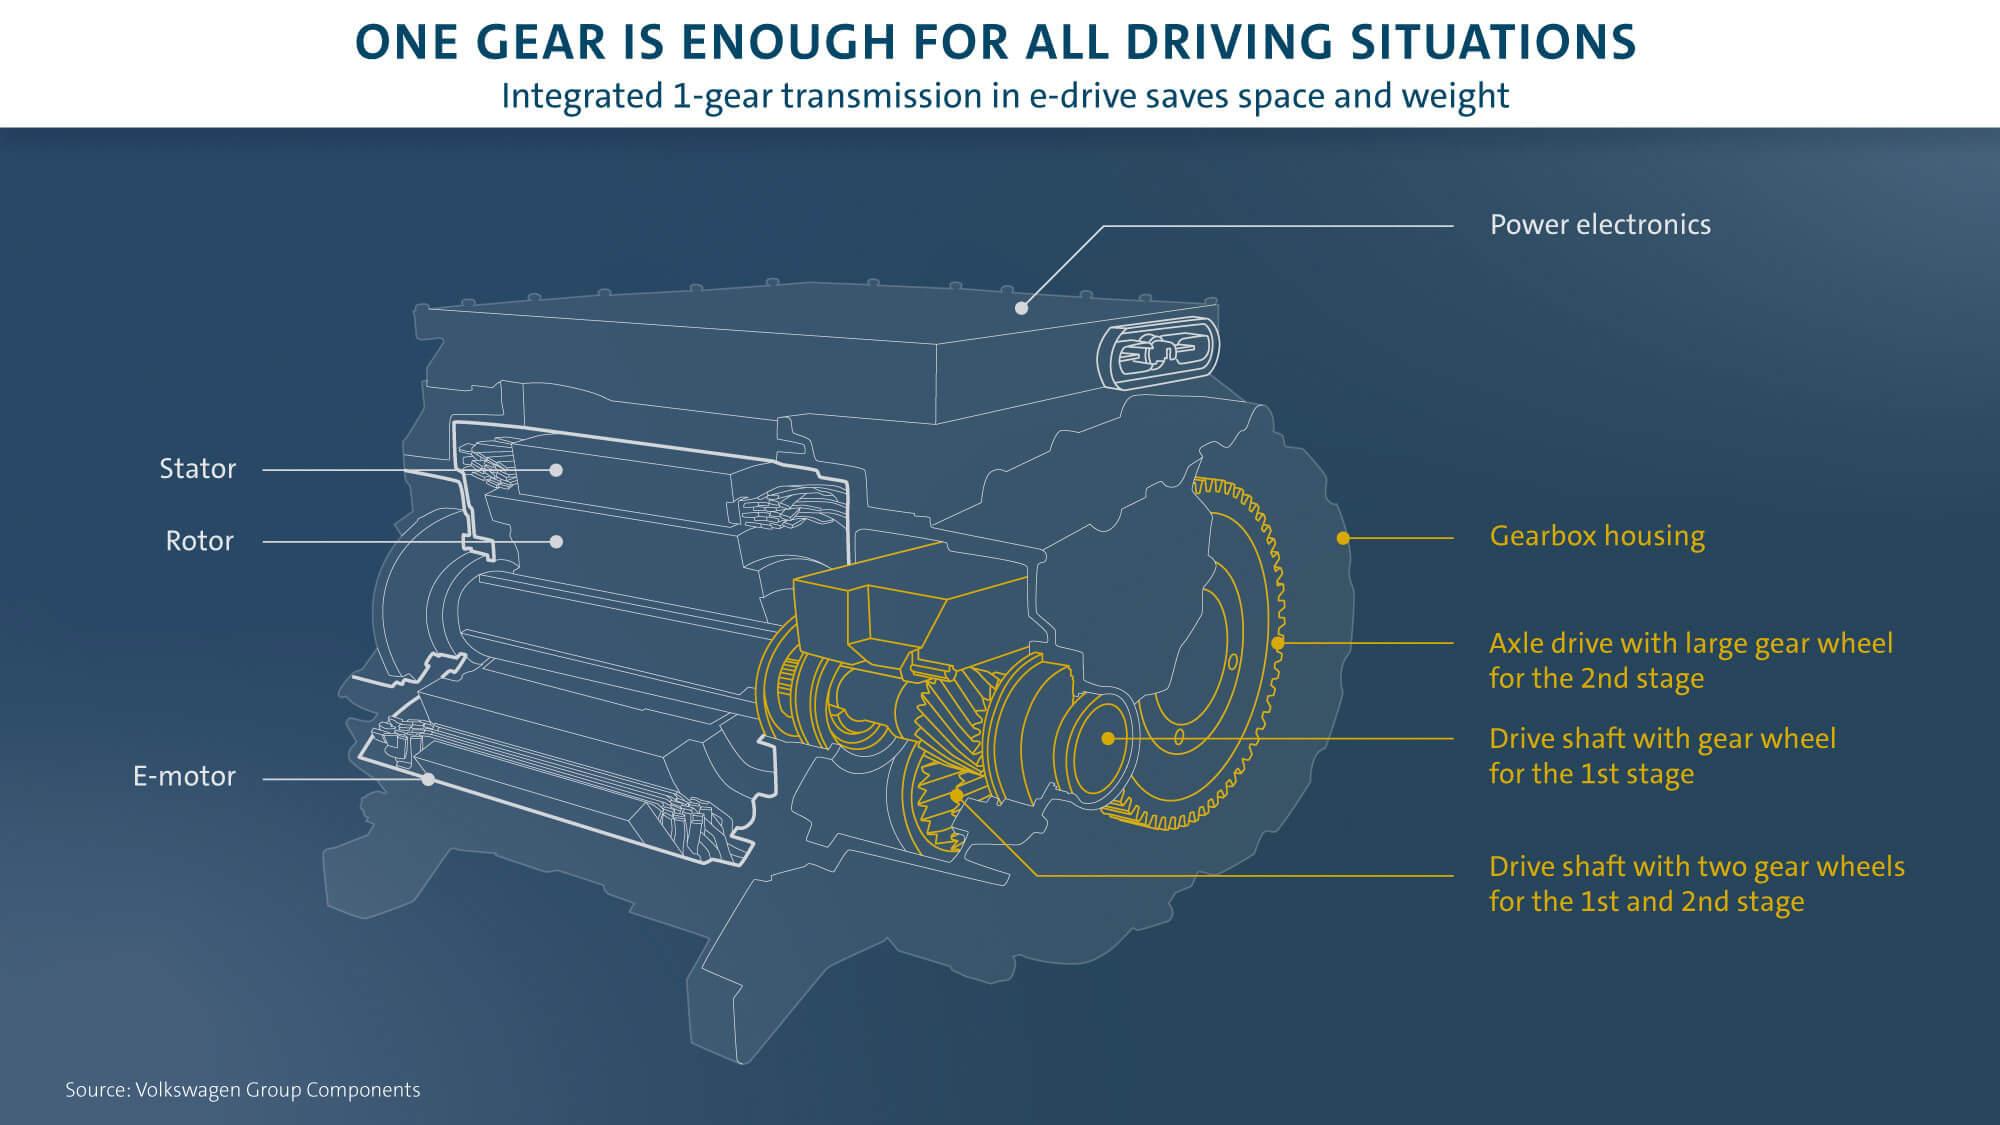 Ενσωματωμένο κιβώτιο μίας σχέσης στα ηλεκτρικά κινητήρια συστήματα - Πηγή: Volkswagen Group